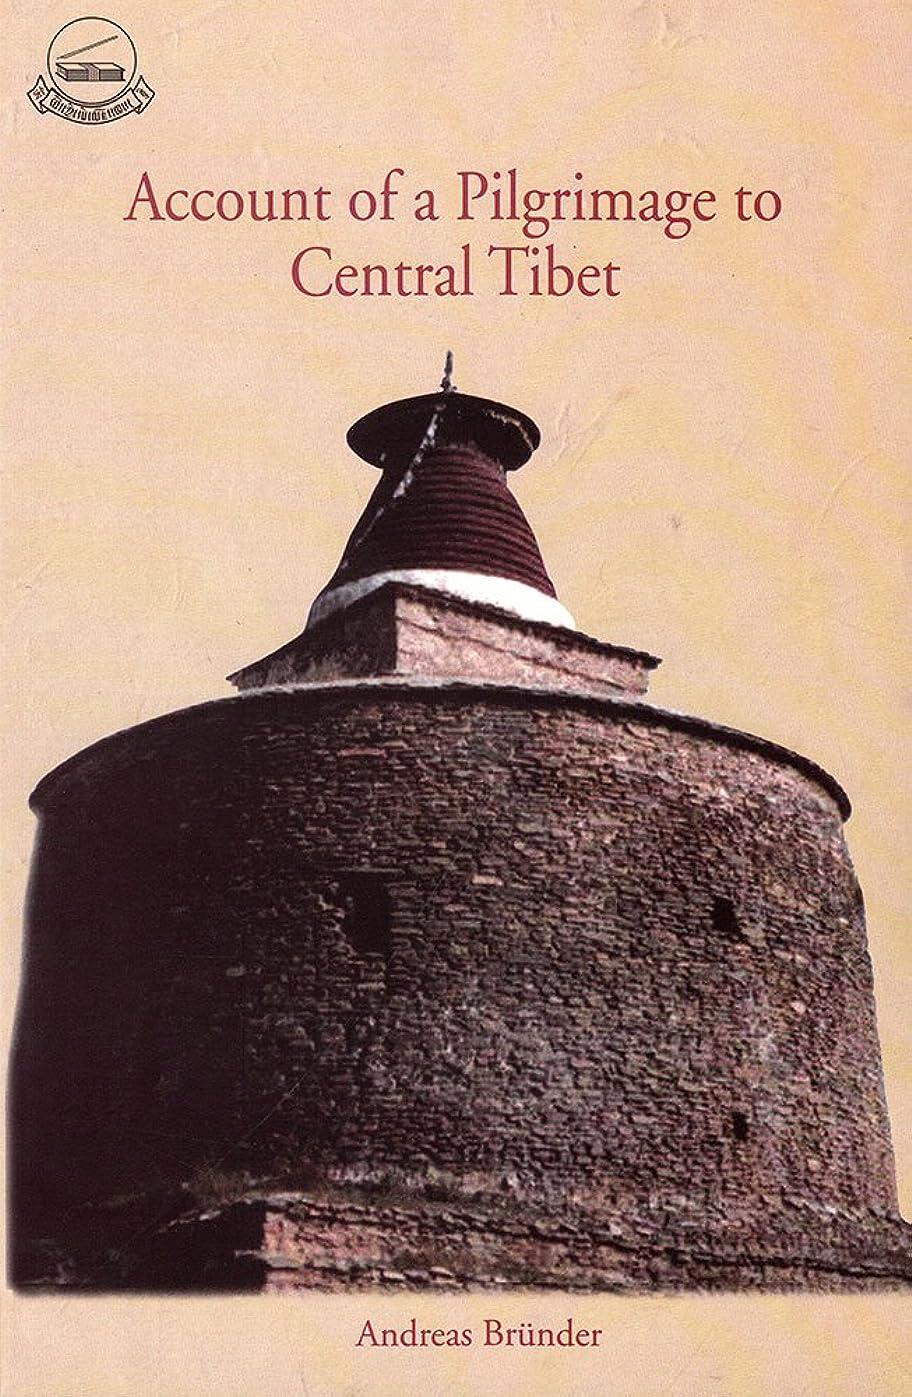 形痴漢カロリーAccount of a Pilgrimage to Central Tibet (English Edition)